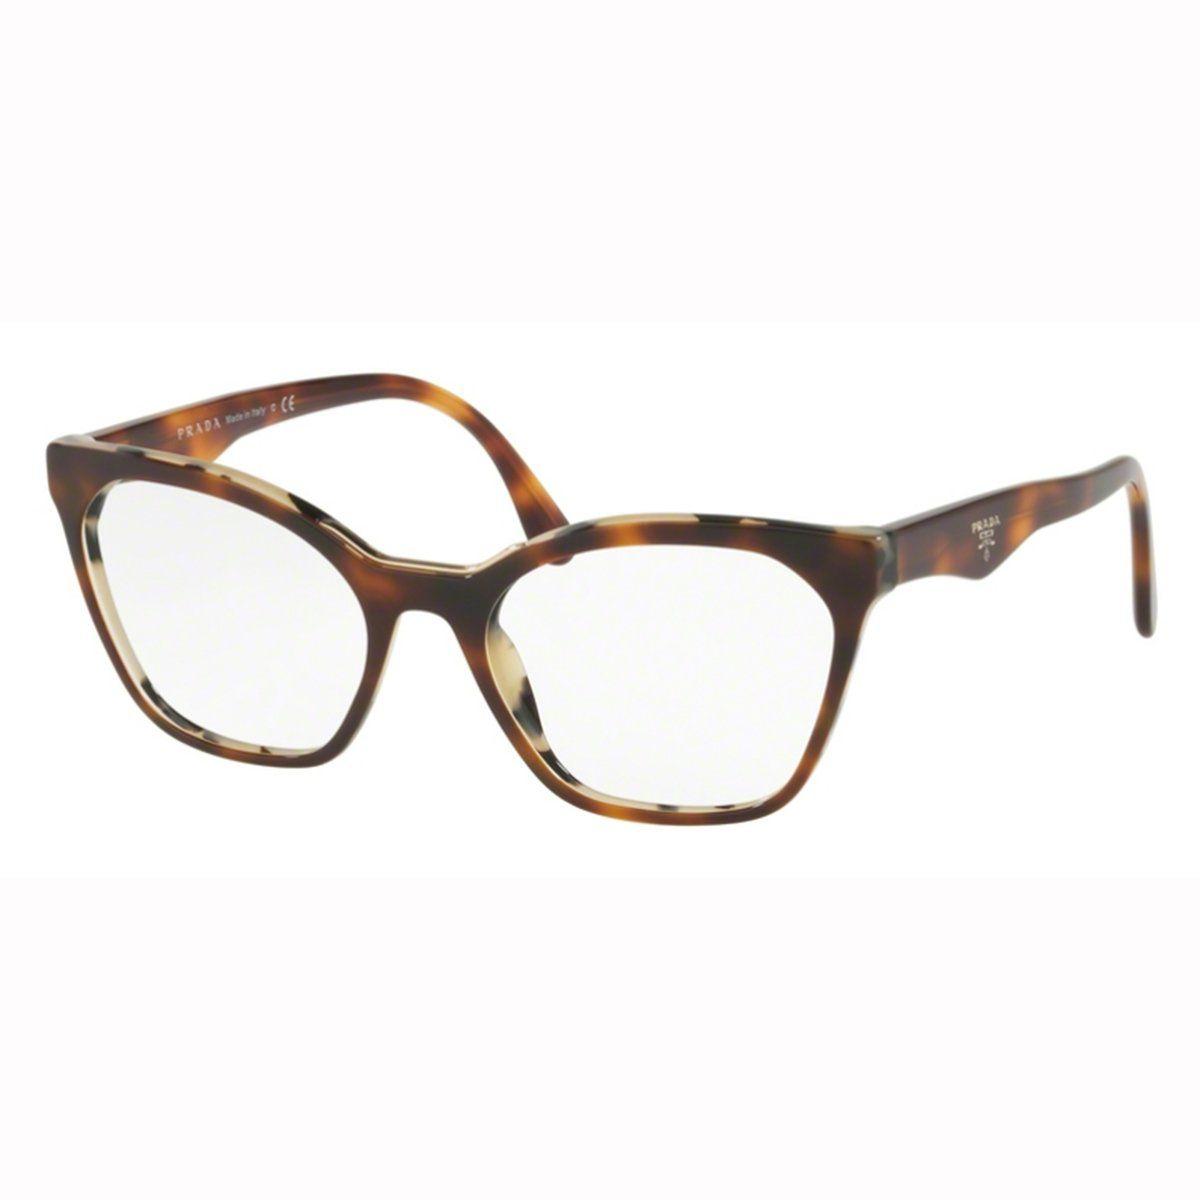 0bfe4560b6837 Armação Óculos de Grau Feminino Prada VPR09U TH8-101 - Omega Ótica e ...